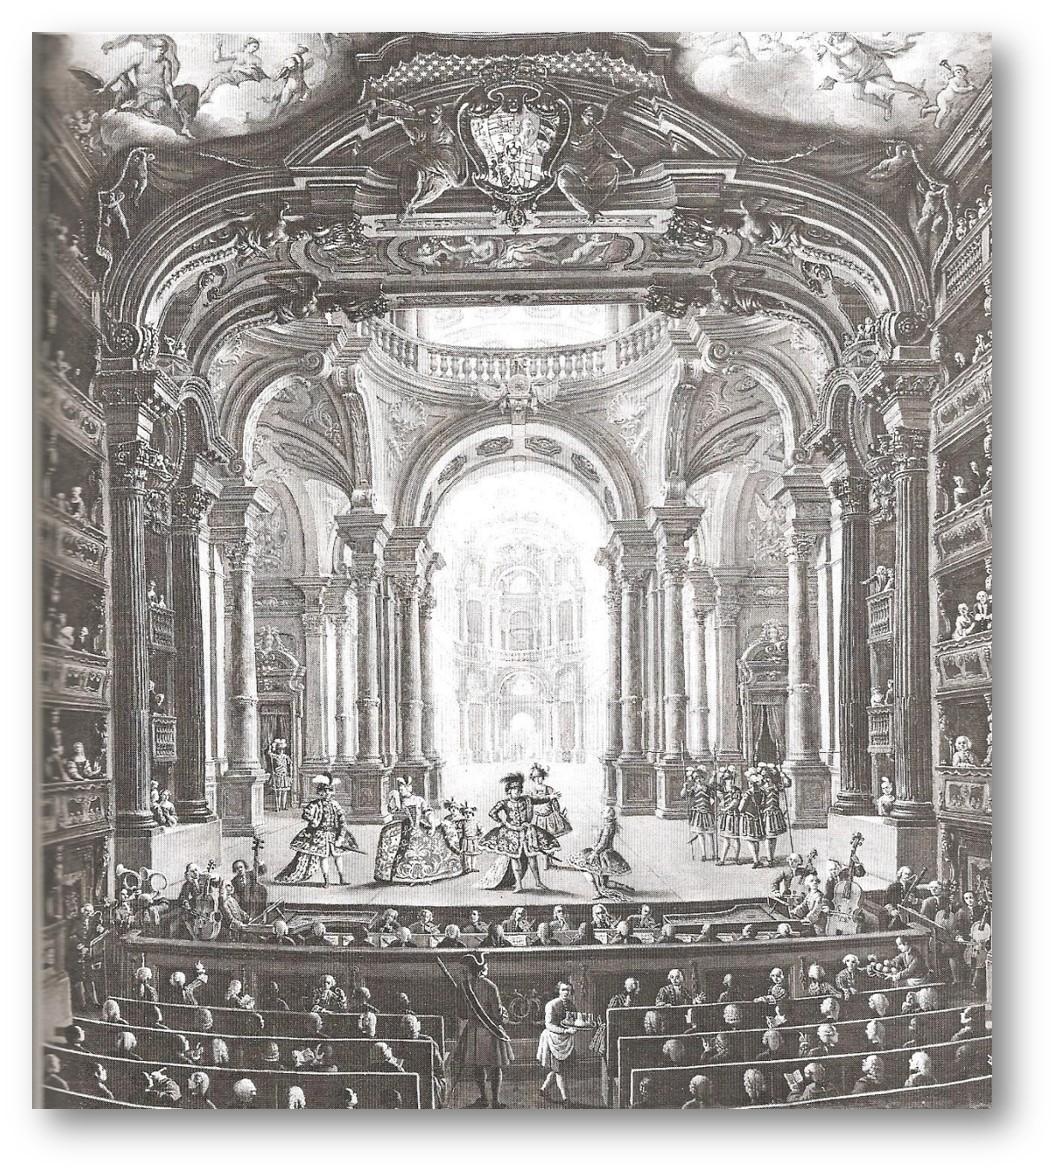 Teatro Regio, Turin 1740